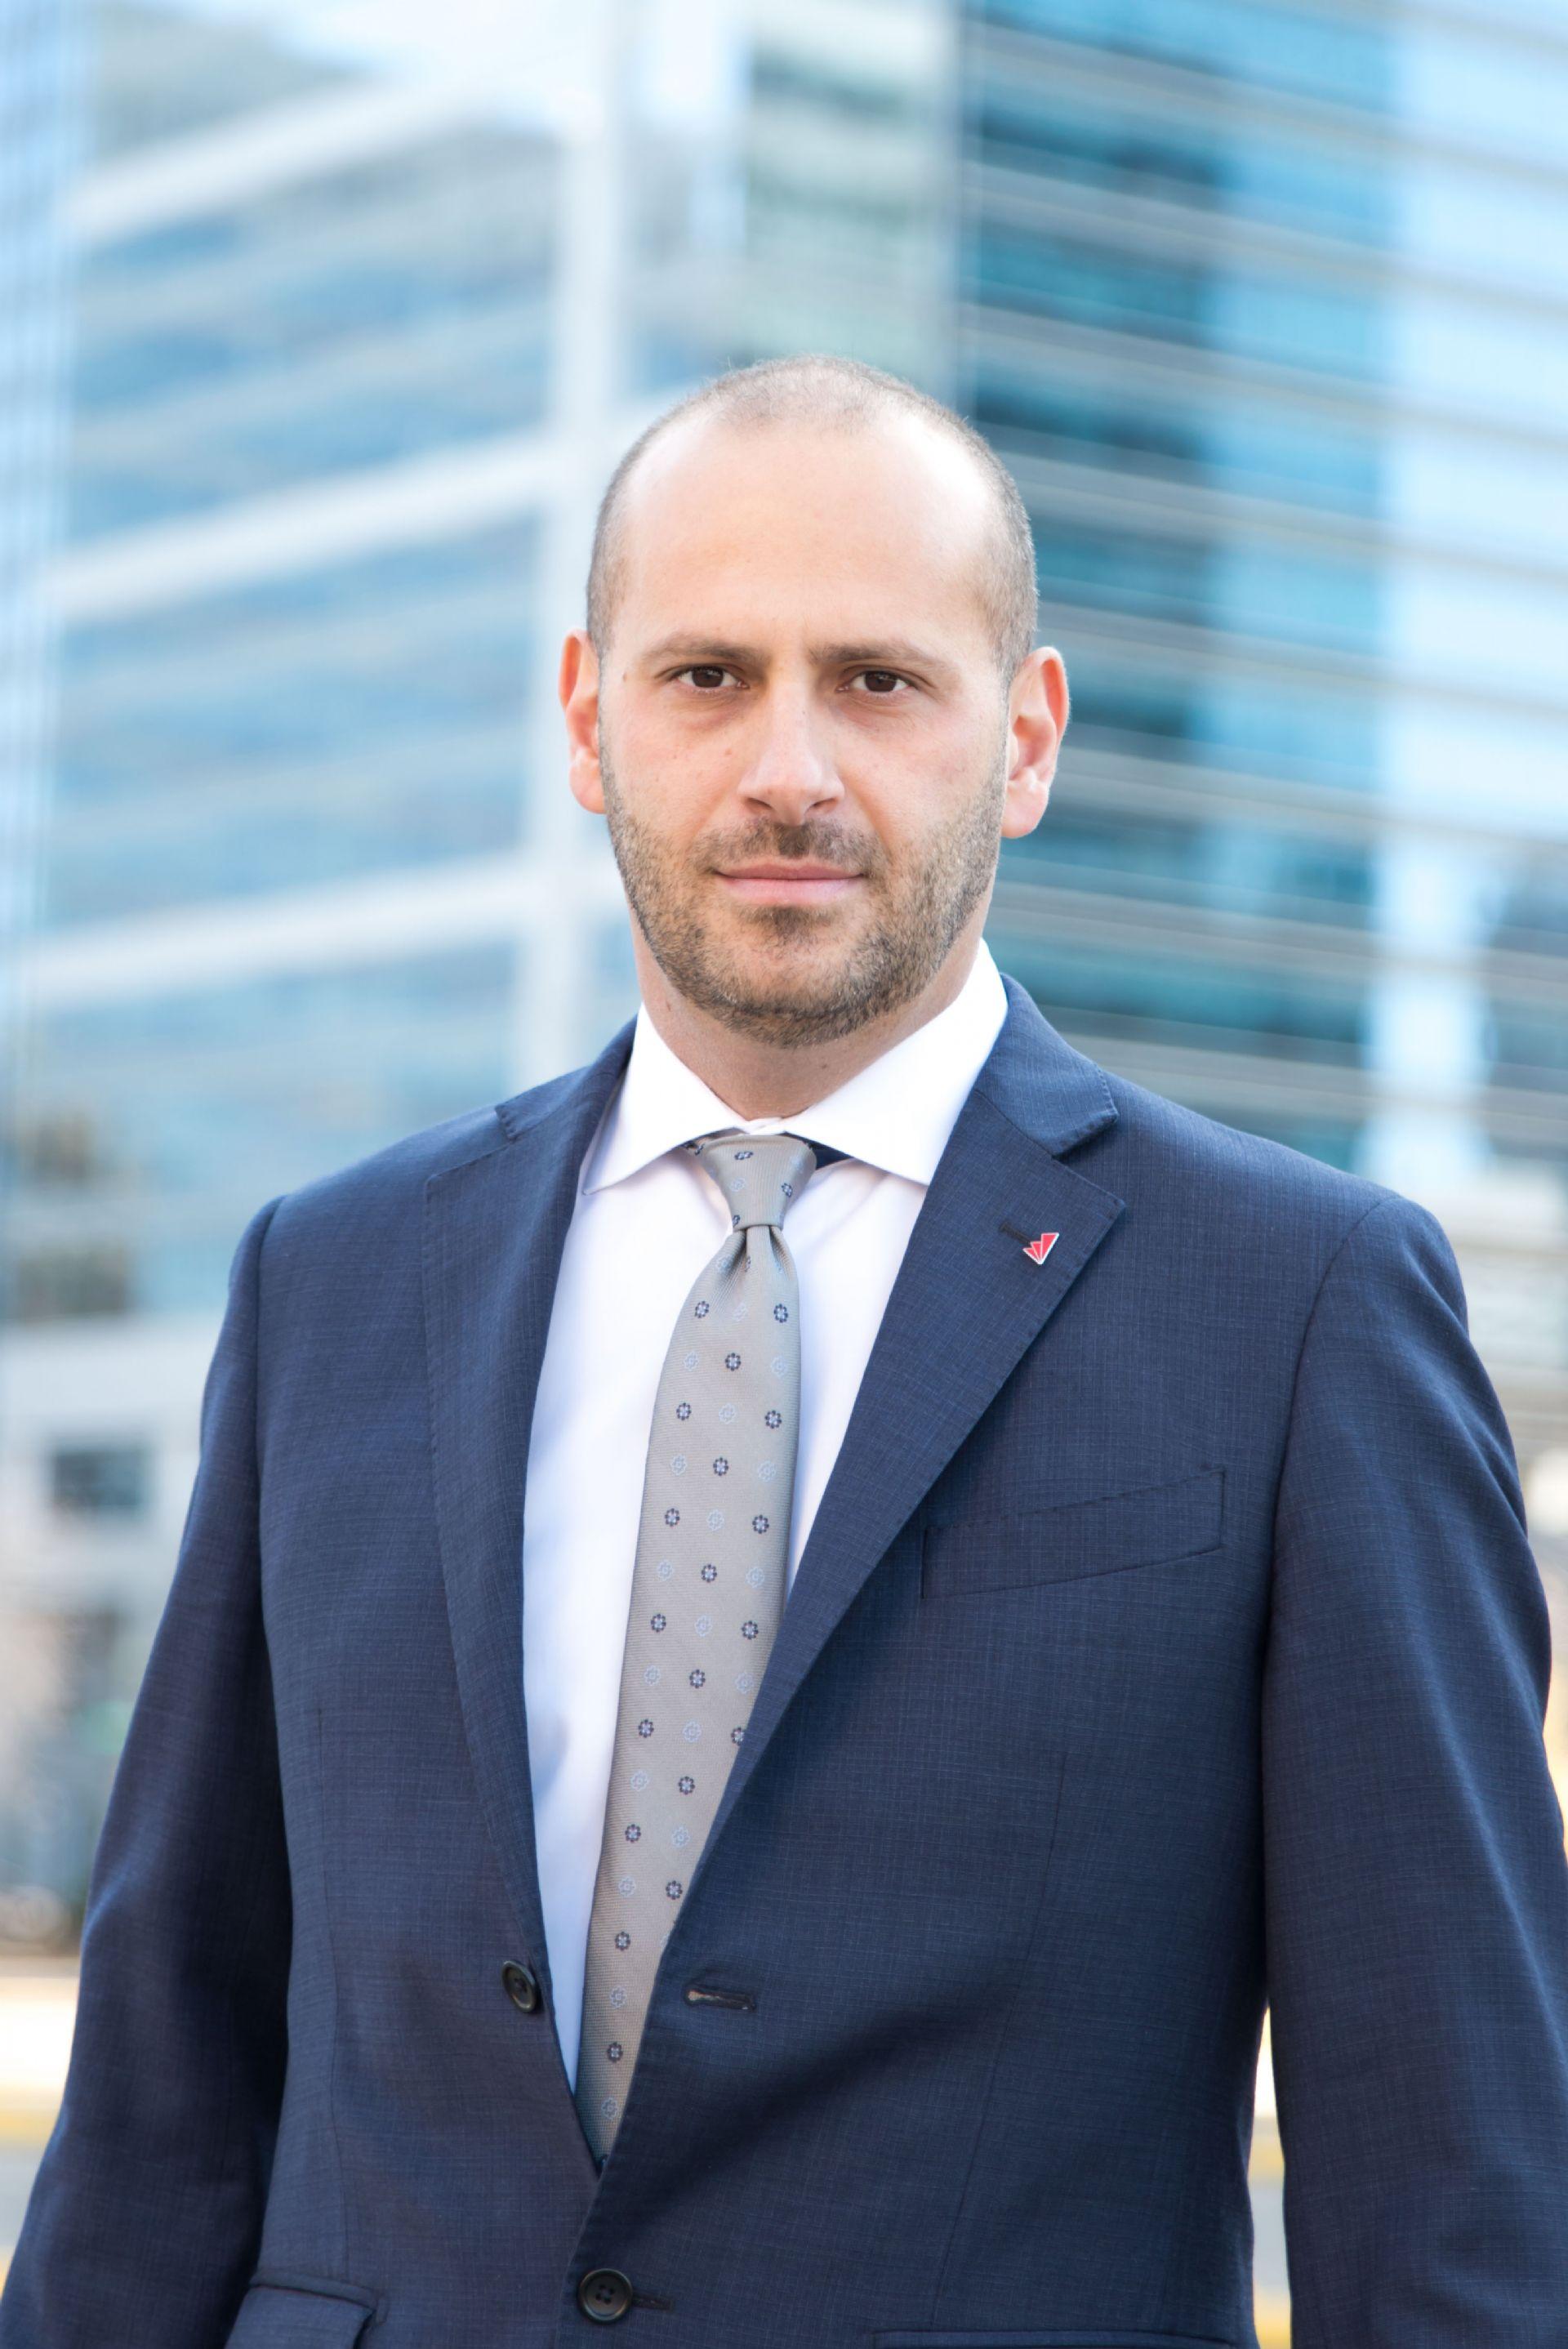 Giulio Galleri